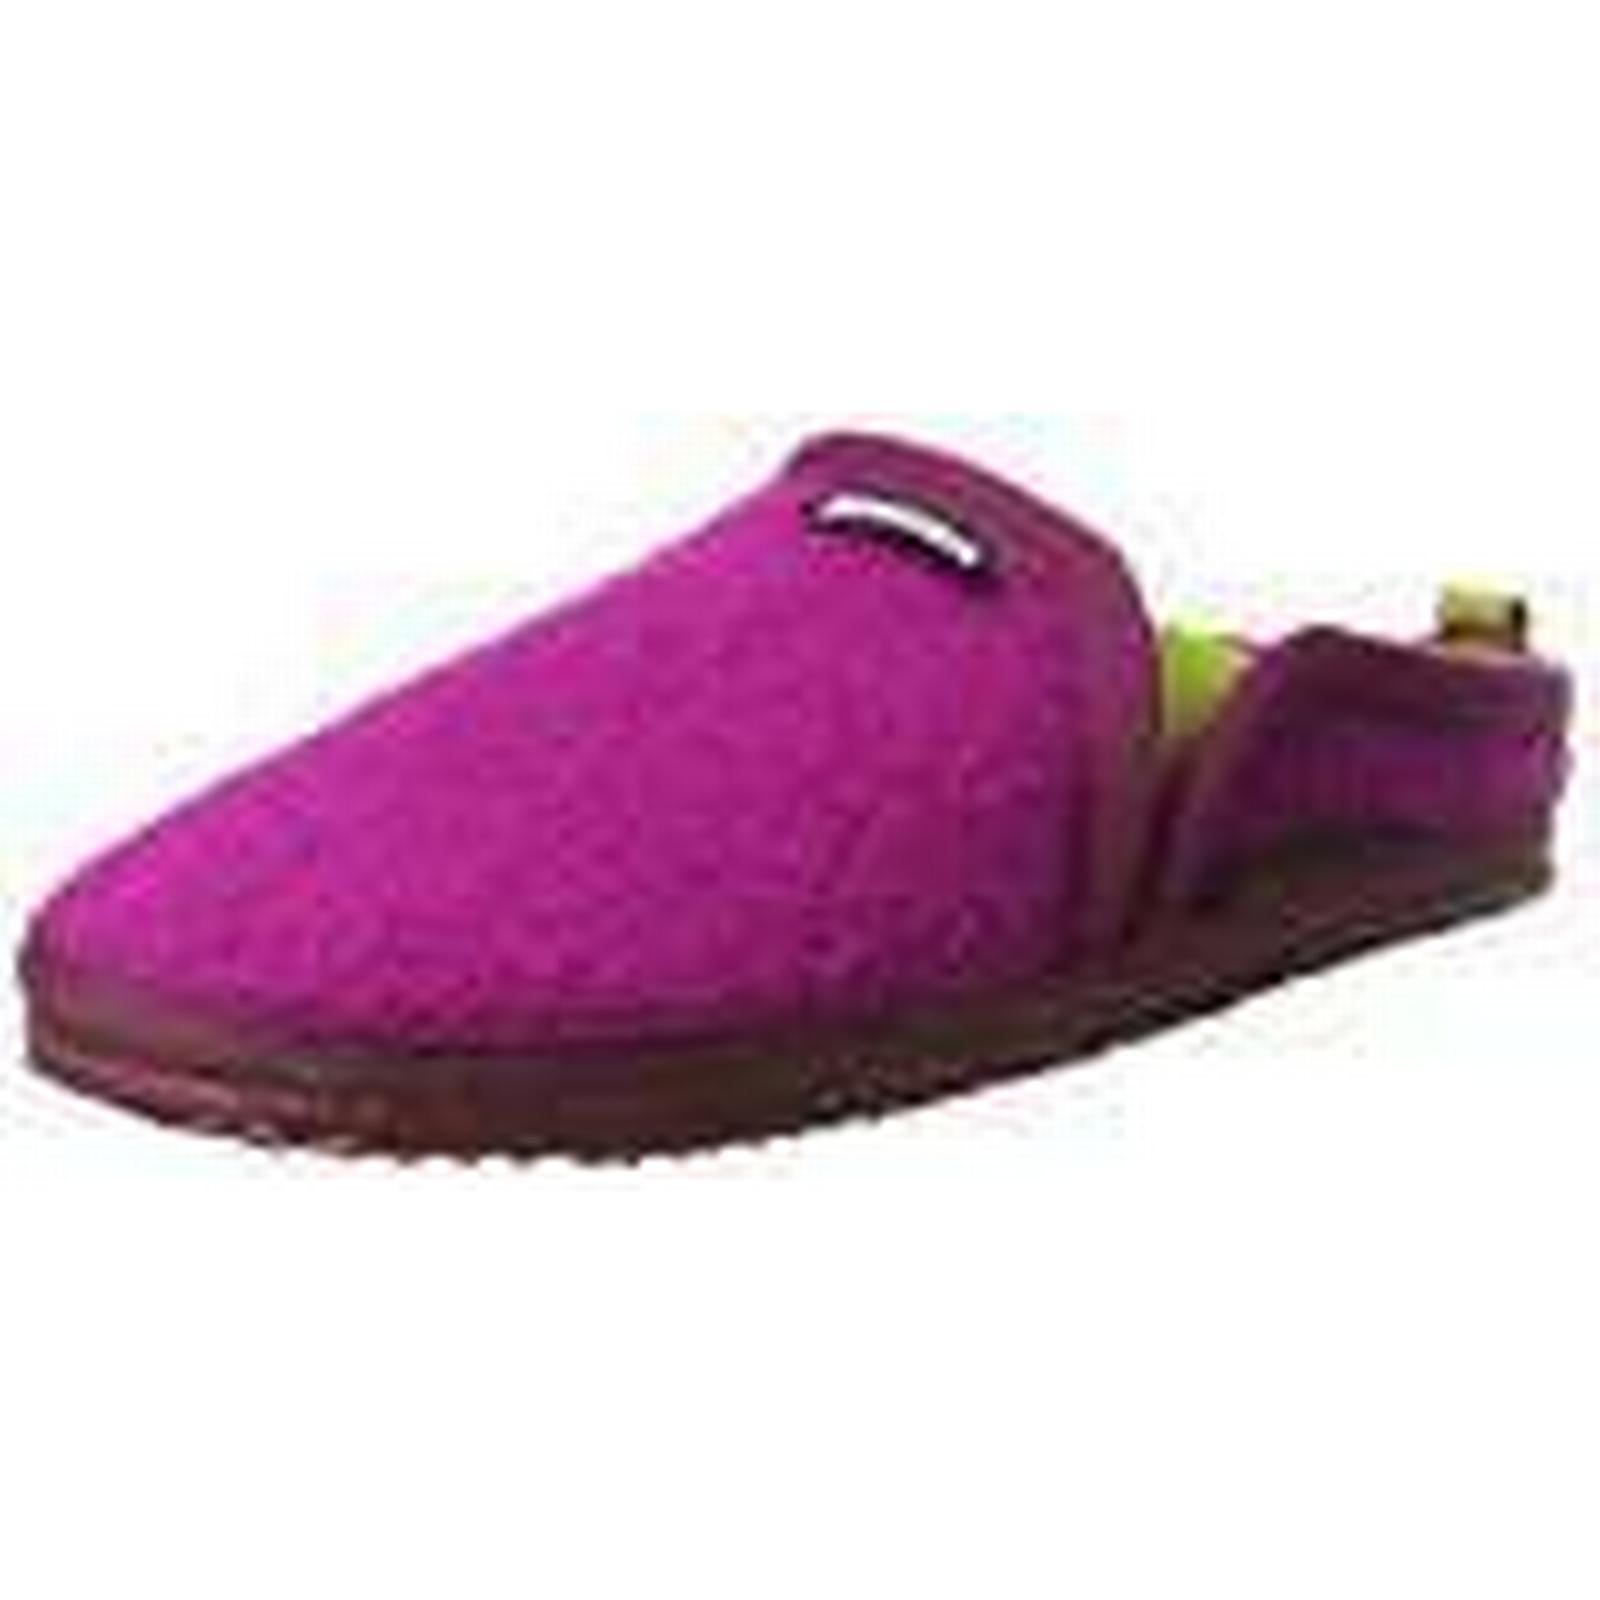 Giesswein (Traube), Nieden, Unisex Adults' Low-Top Sneakers, Purple (Traube), Giesswein 6 UK (40 EU) 2fd25e